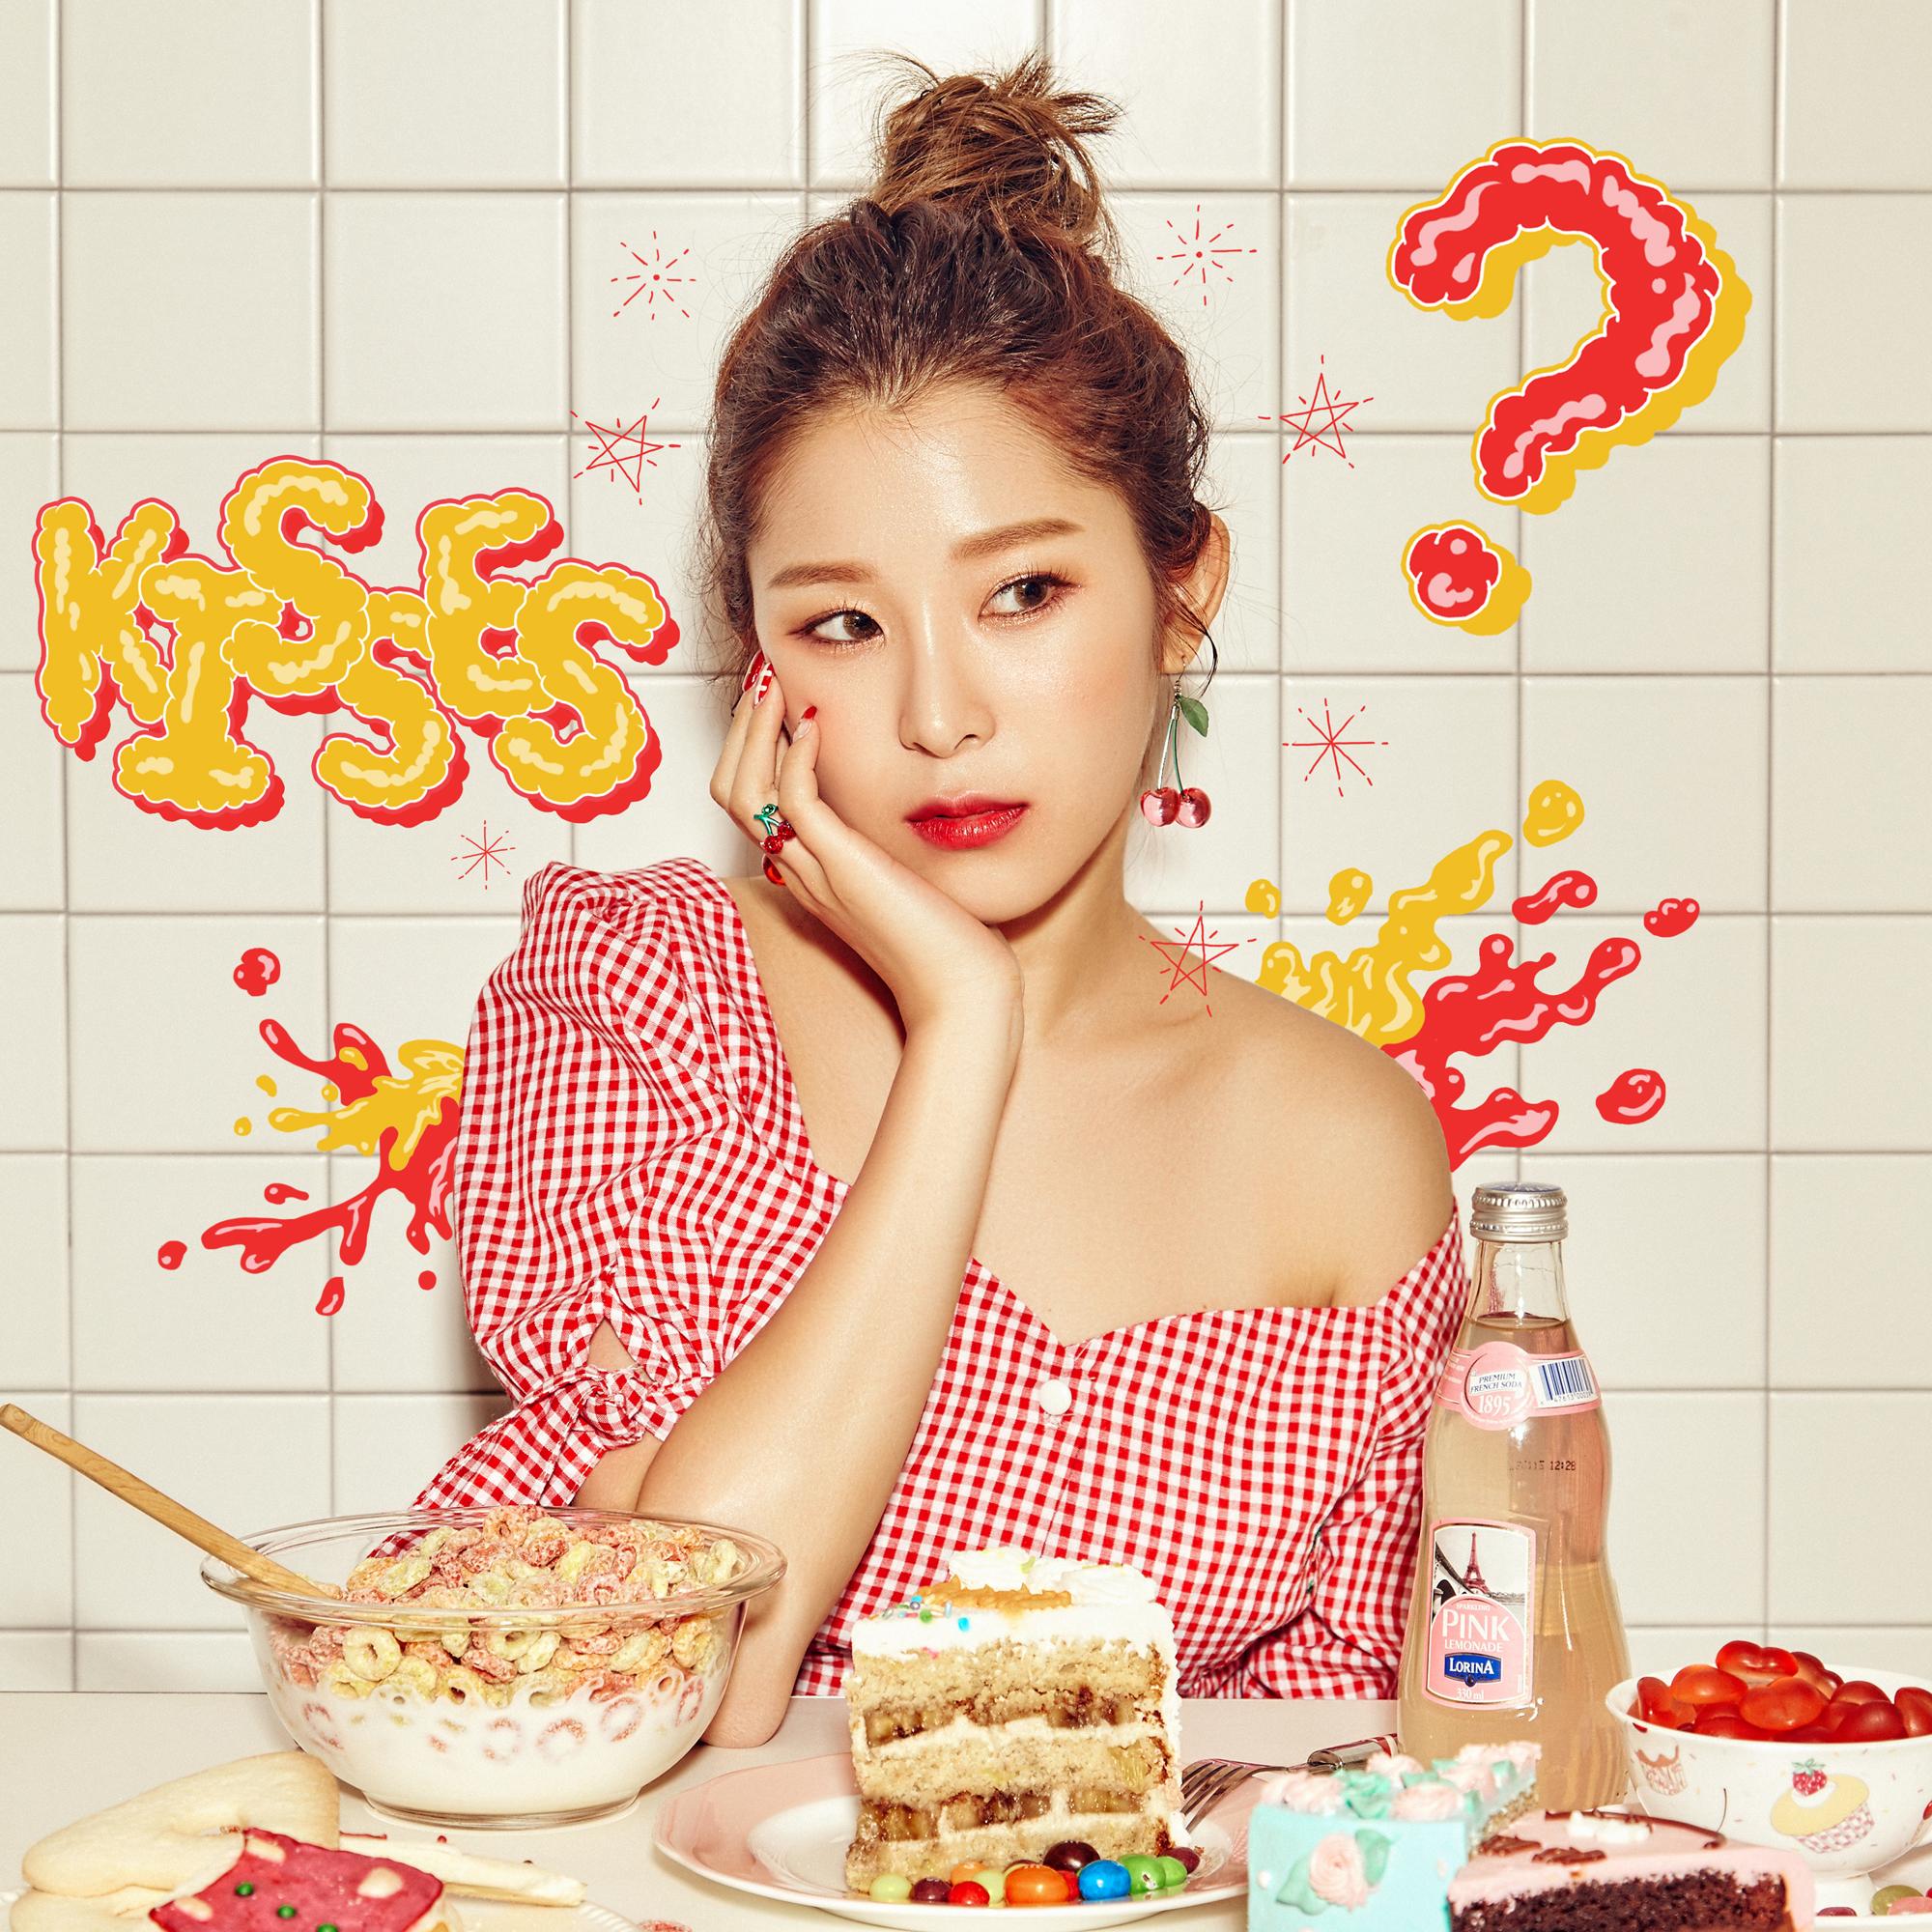 20181112.0457.06 Kisses - 24hr Store cover.jpg